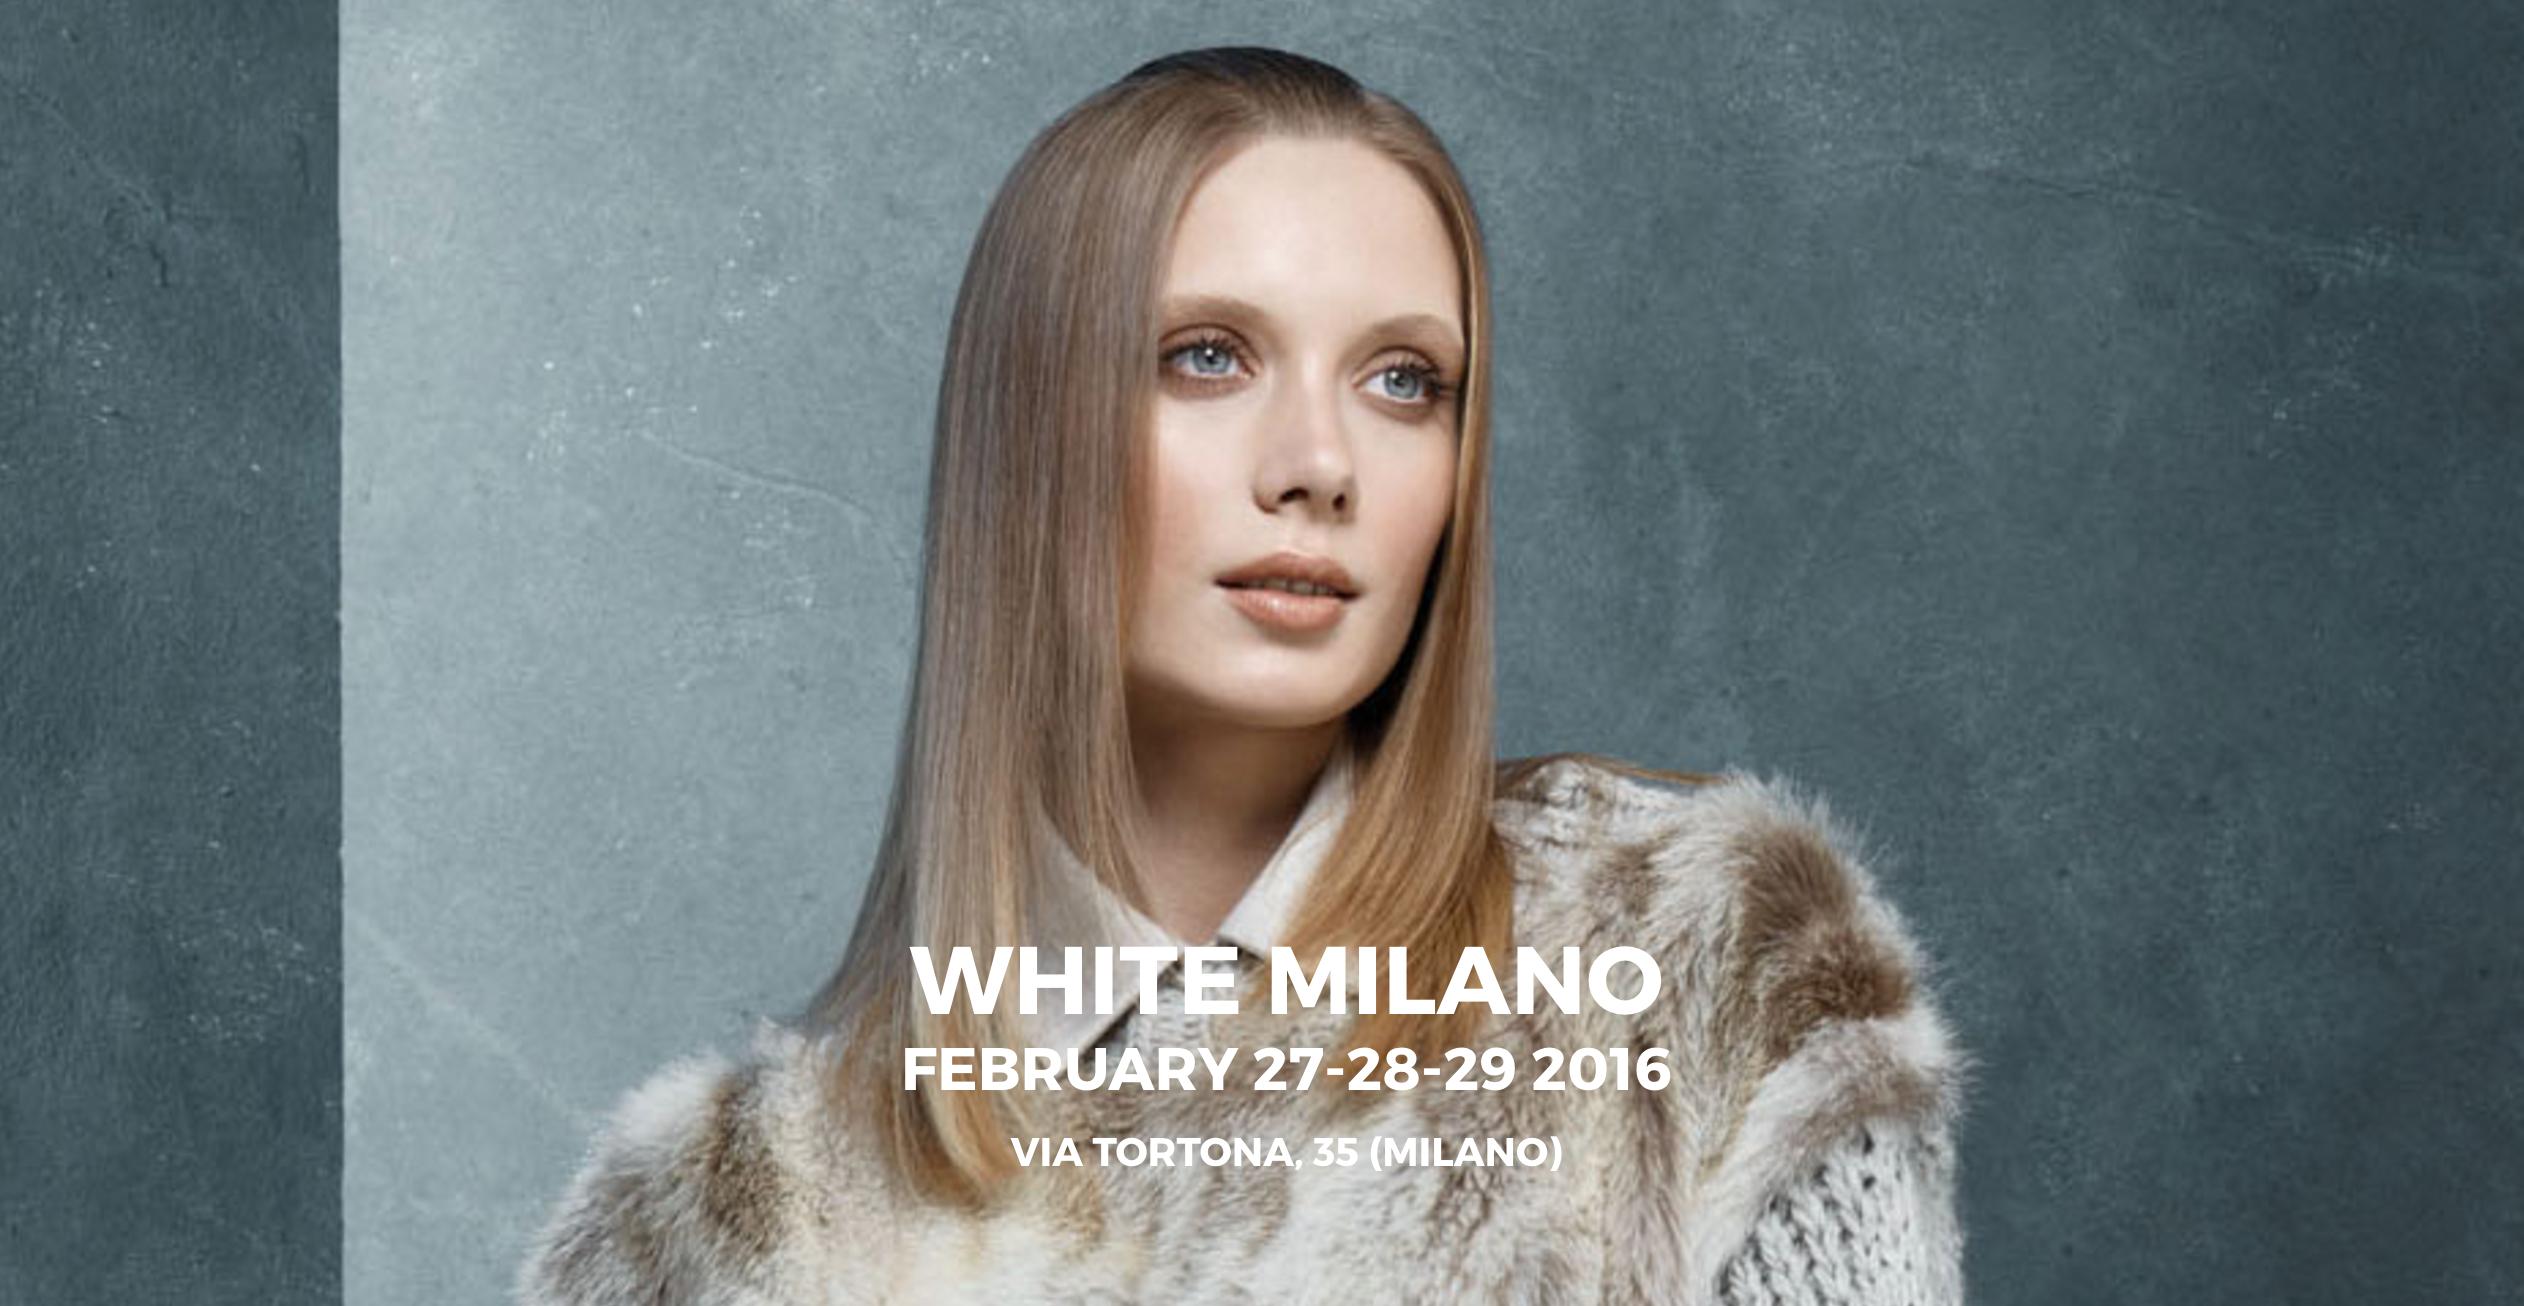 WHITESHOW MILAN